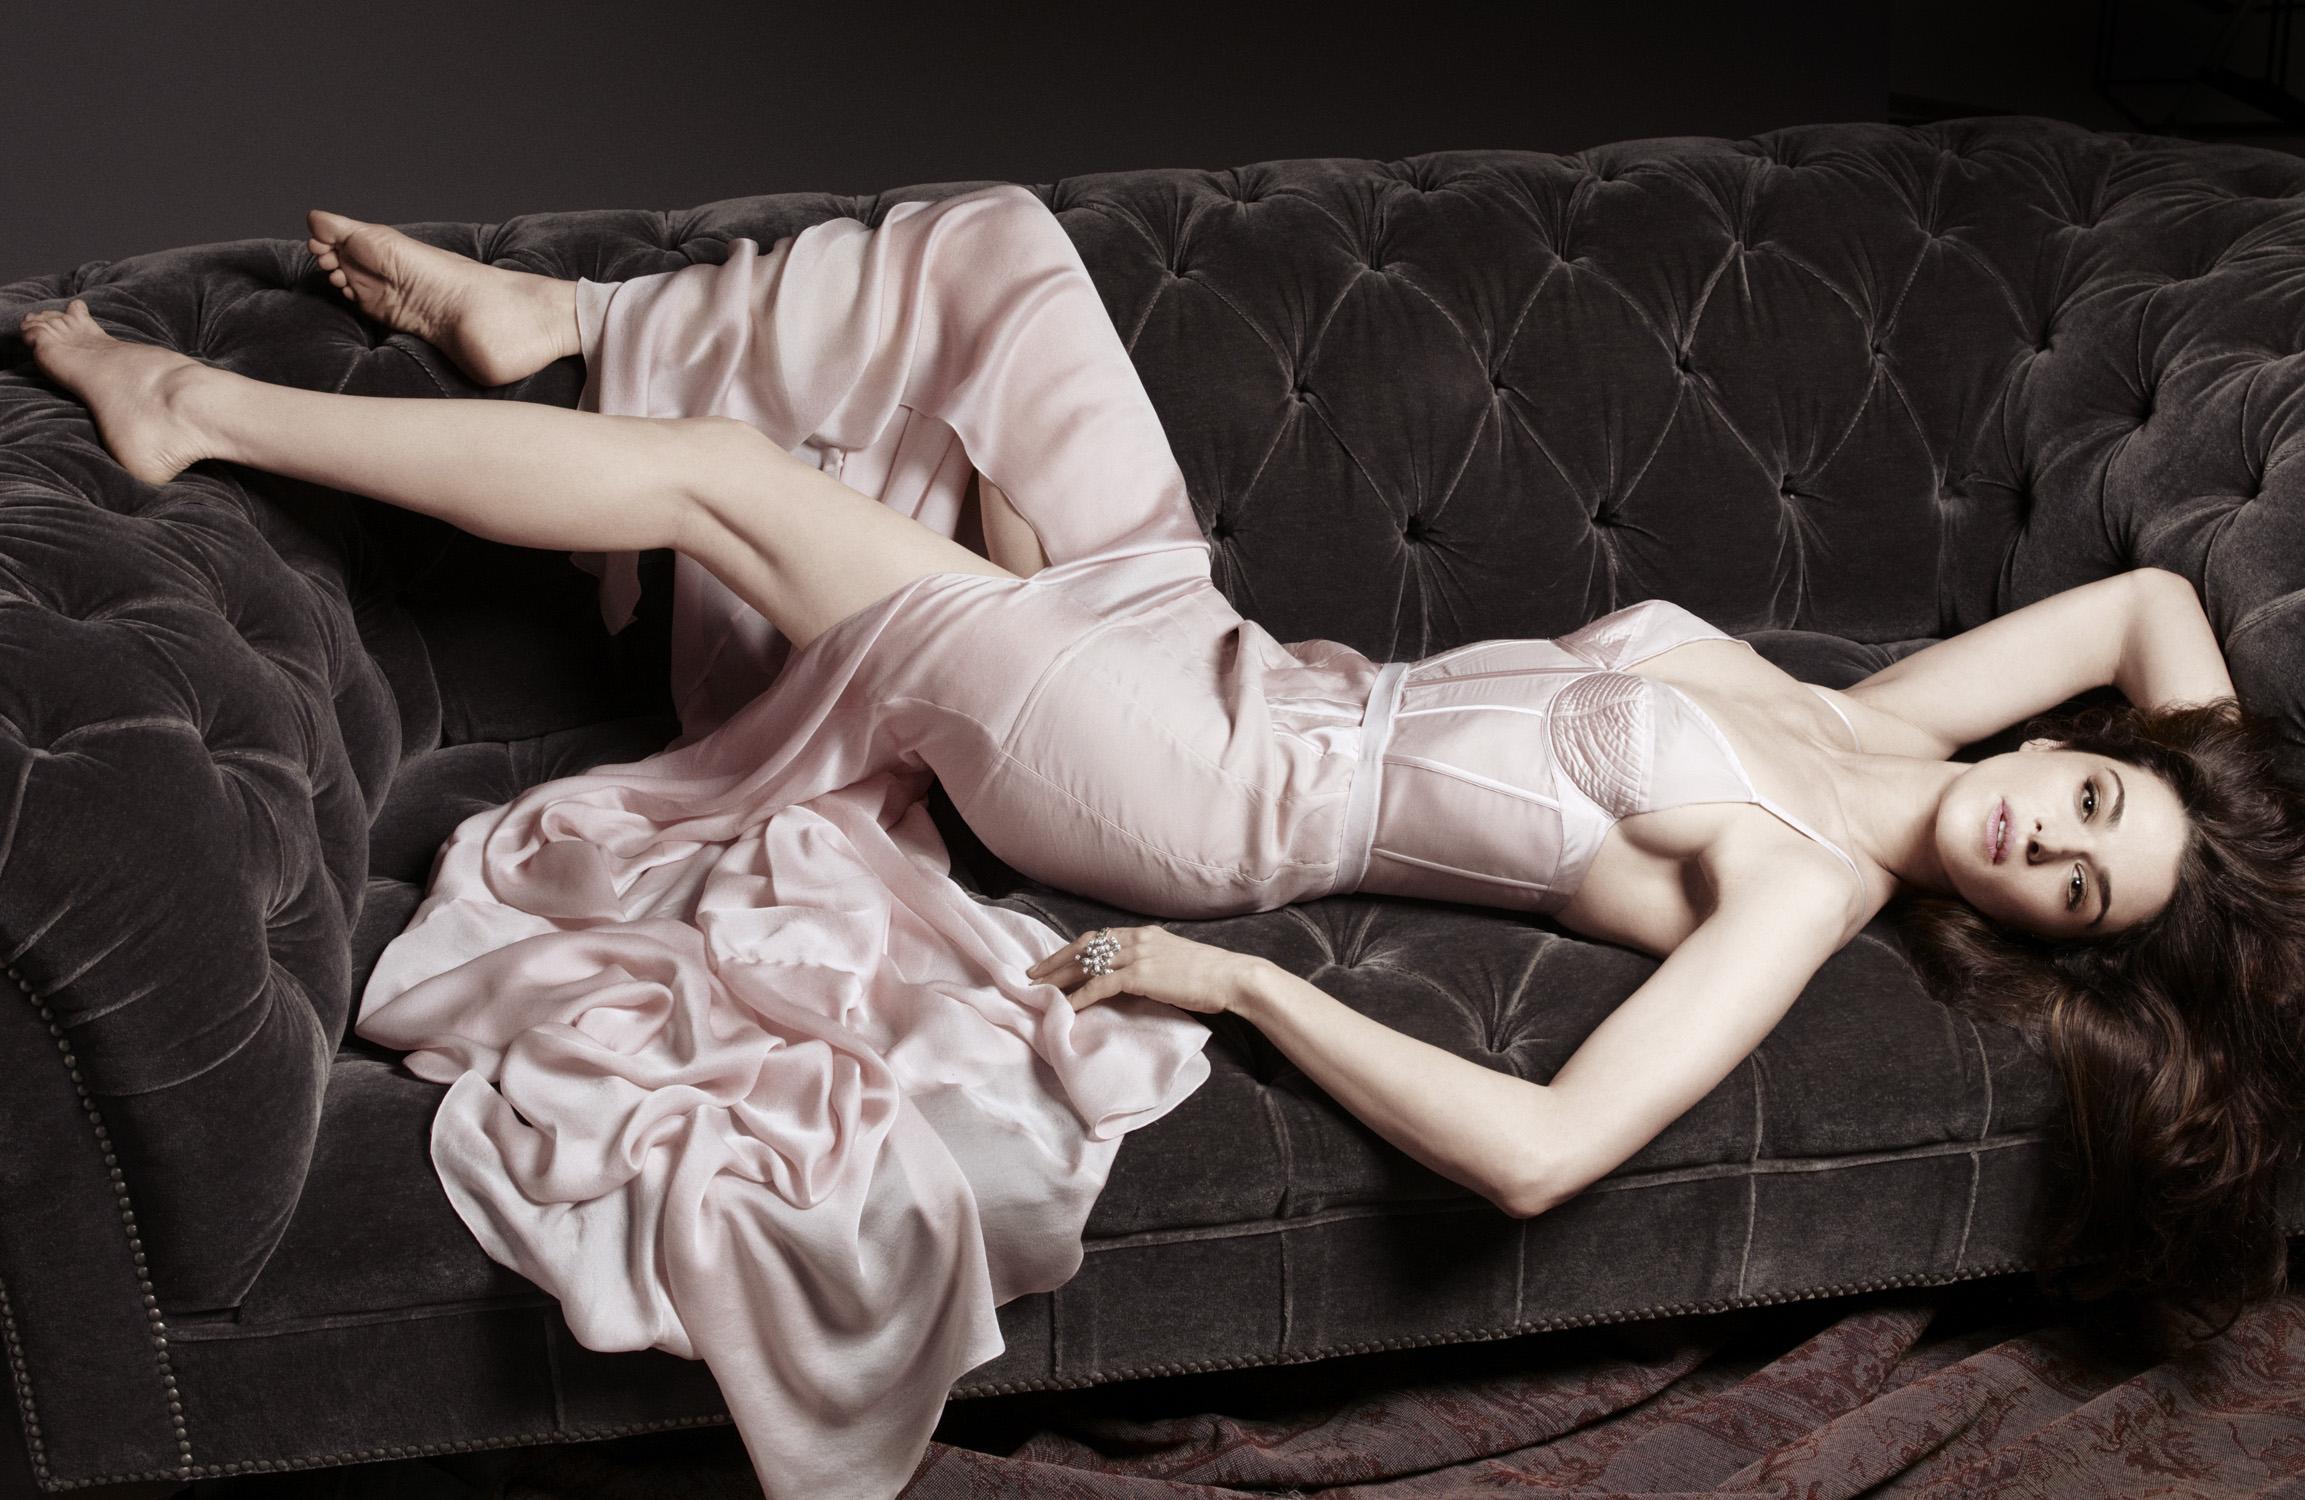 Rachel Weisz's Feet